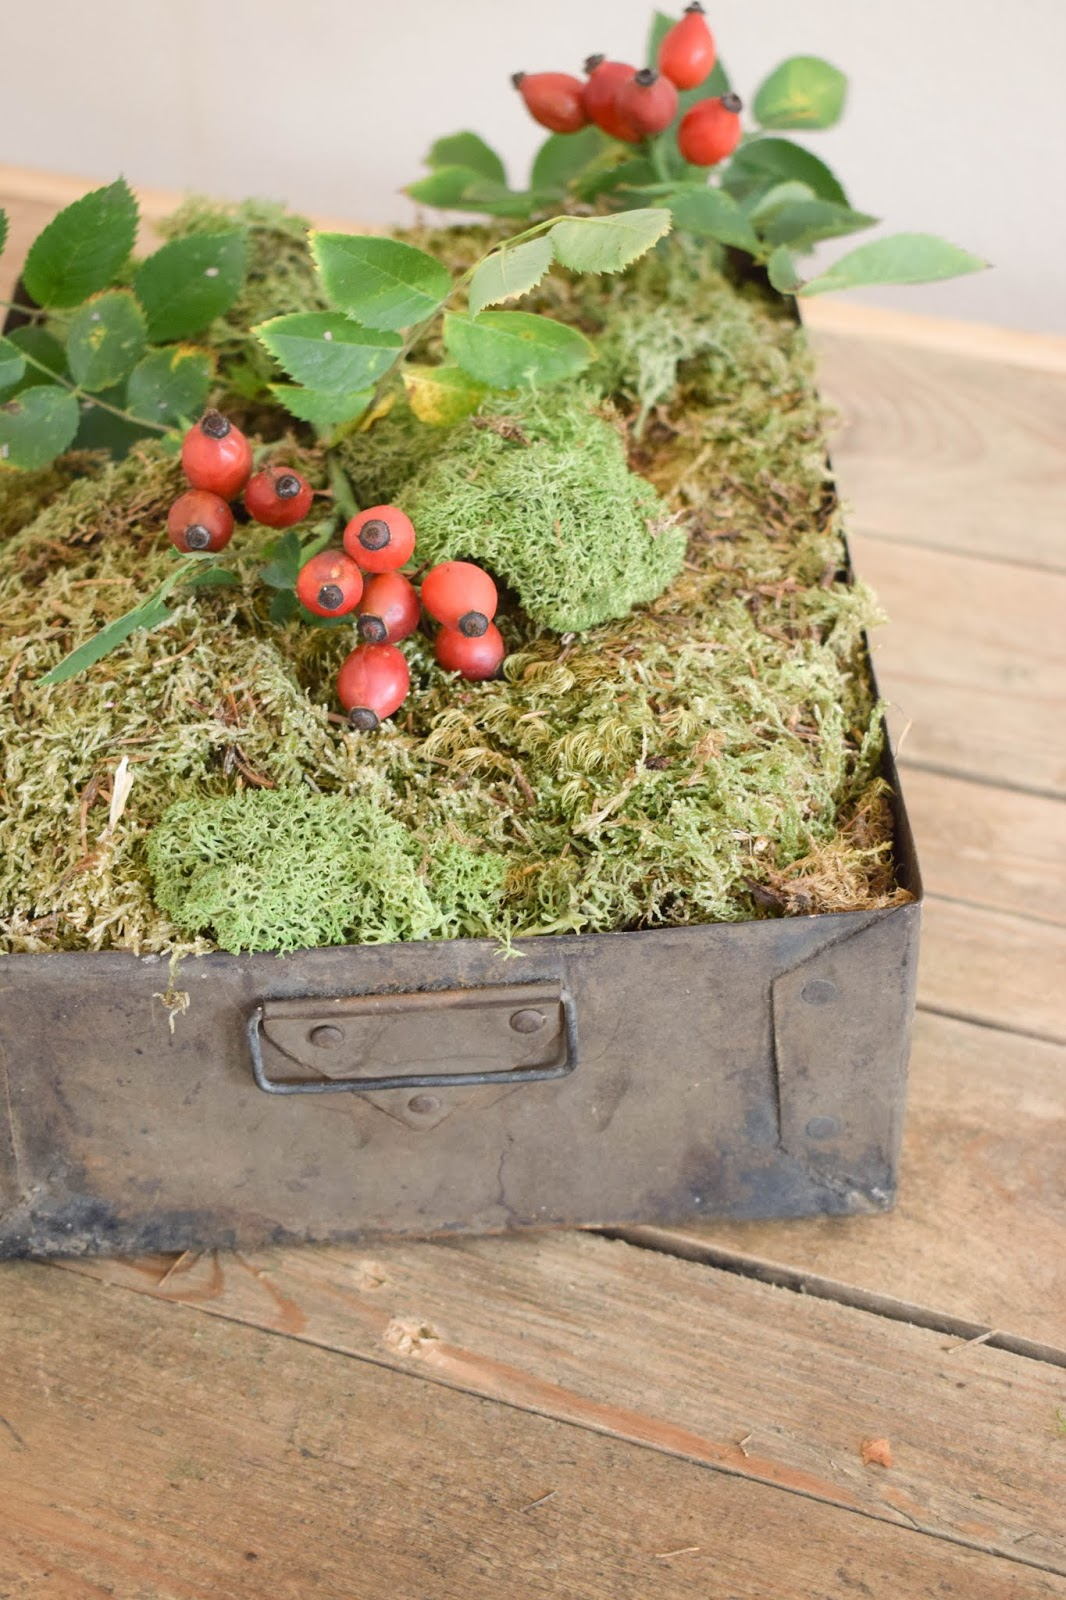 Herbstliche Deko für den Tisch, Sideboard und Konsole. Dekoidee mit Moos, Hagebutte 2